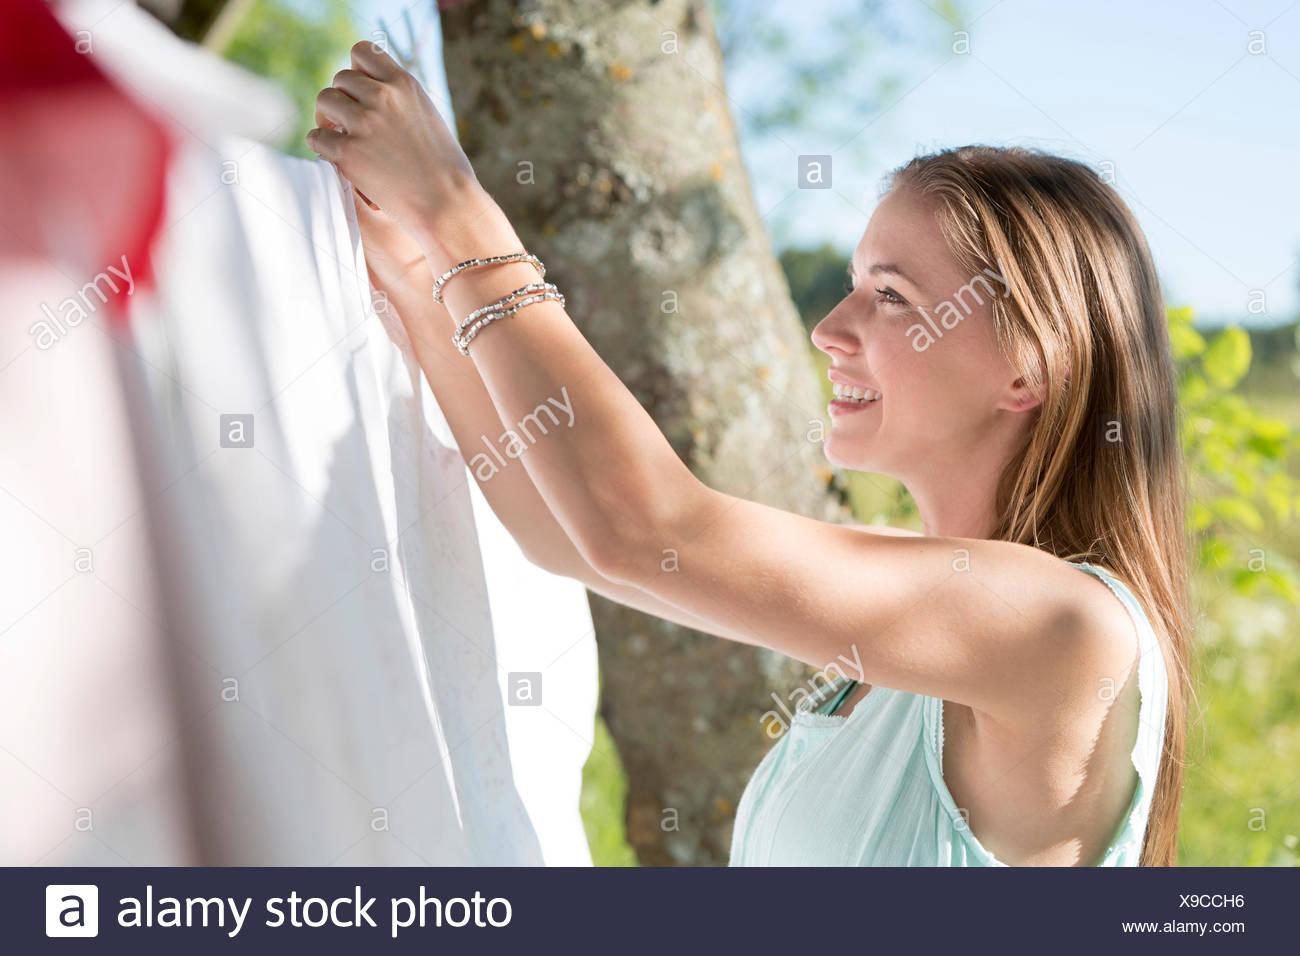 Souriante jeune femme étendre le linge sur la corde à linge Photo Stock